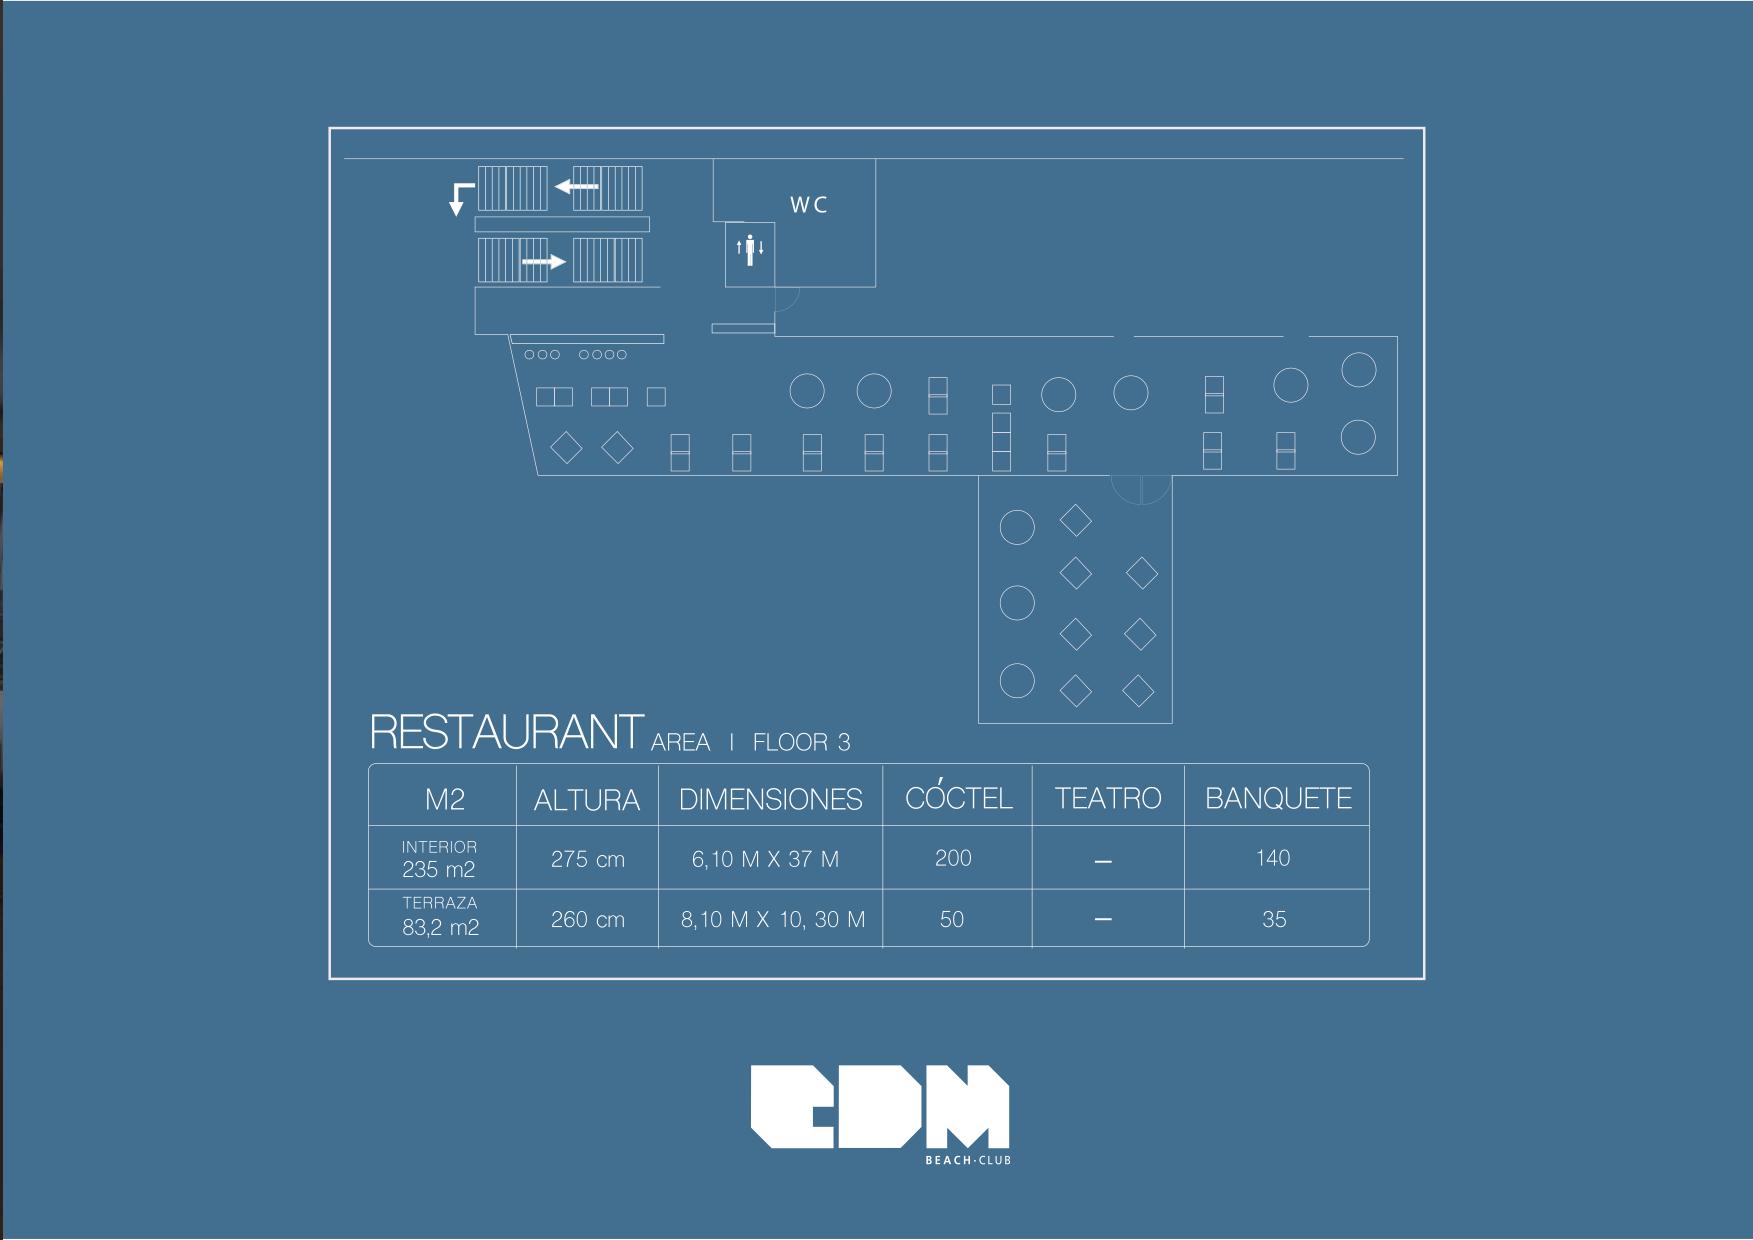 Plano Restaurante